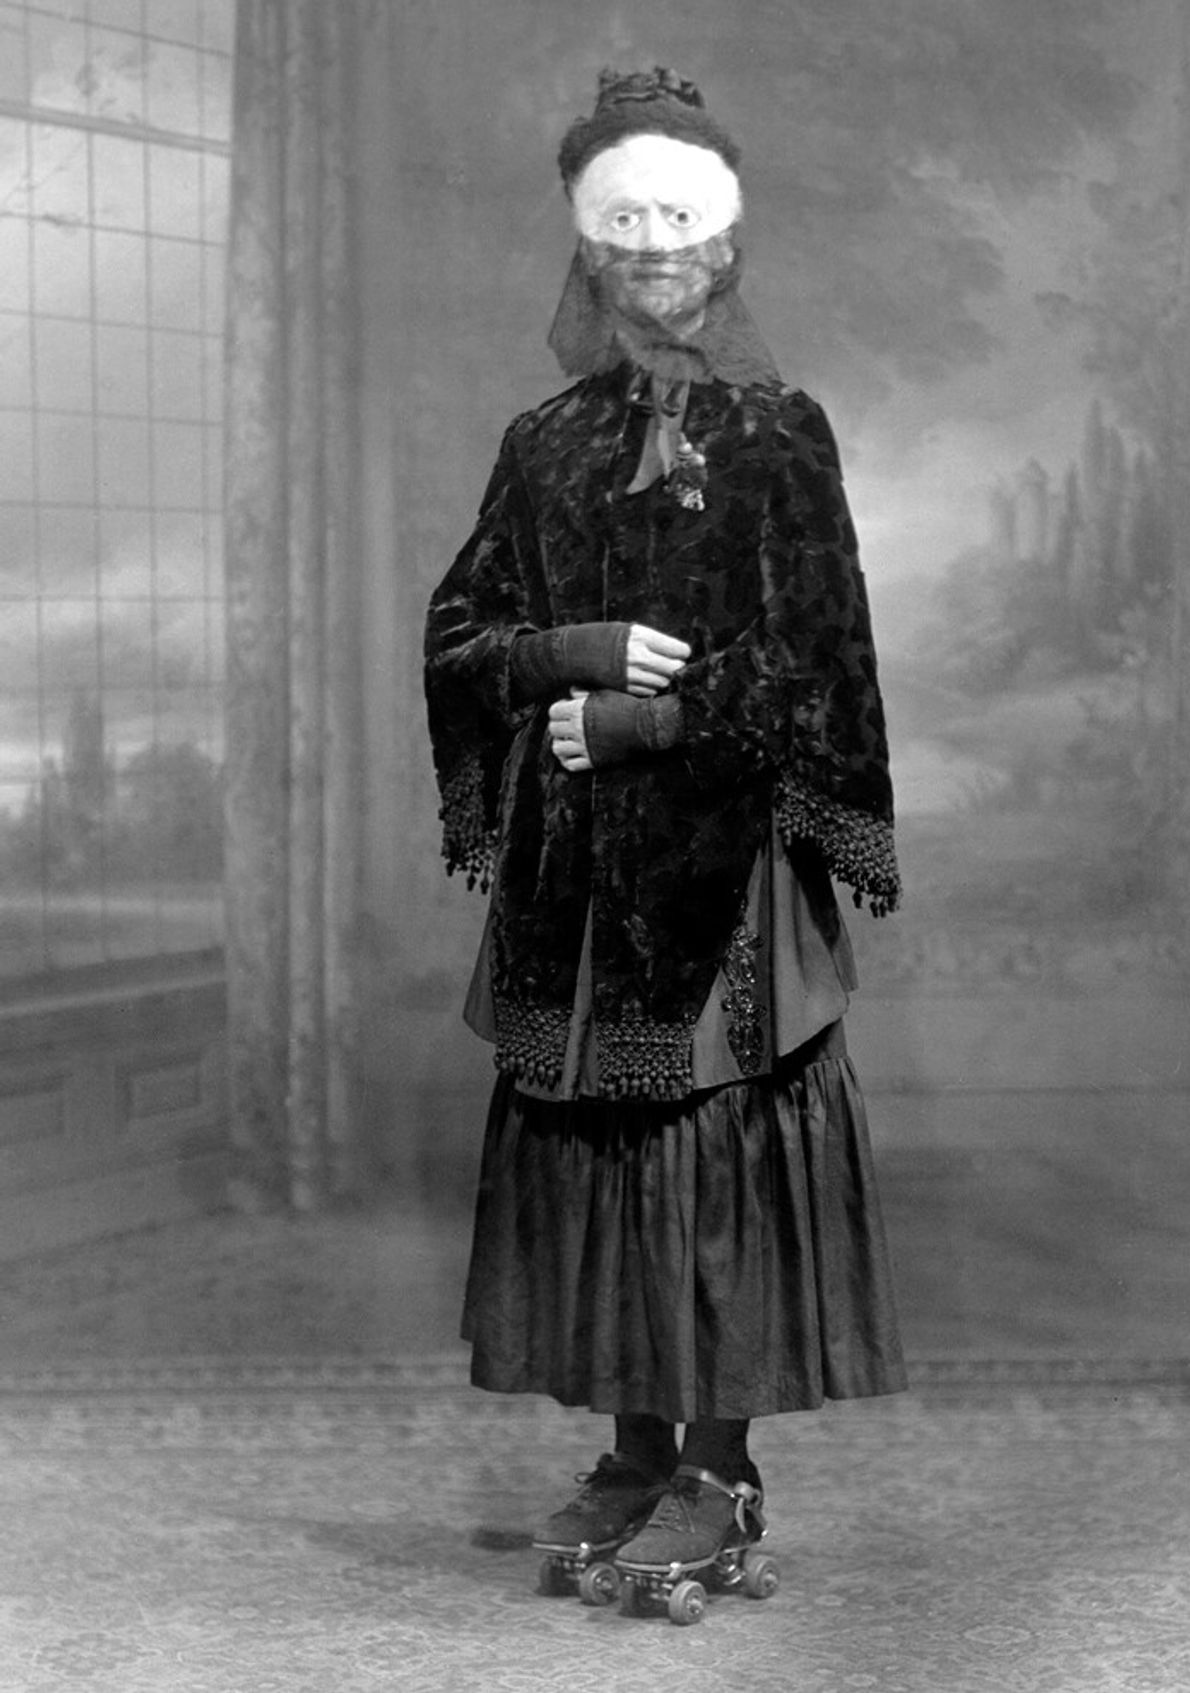 Vestida para o Halloween, uma mulher com patins – provavelmente uma adição aleatória à sua indumentária ...